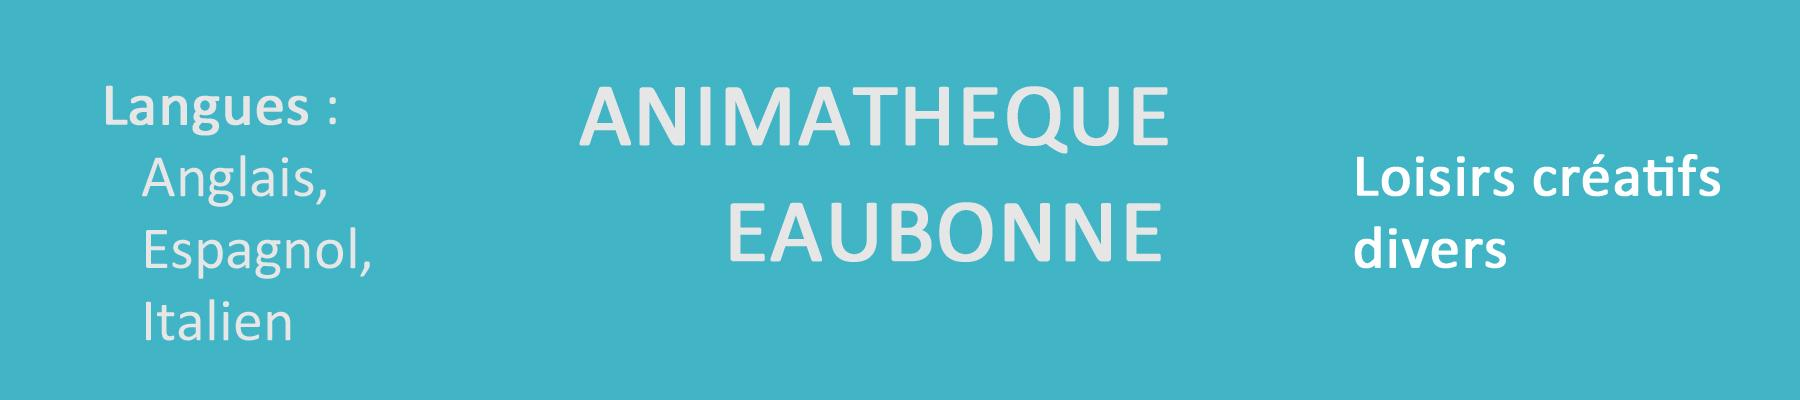 Animathèque Eaubonne